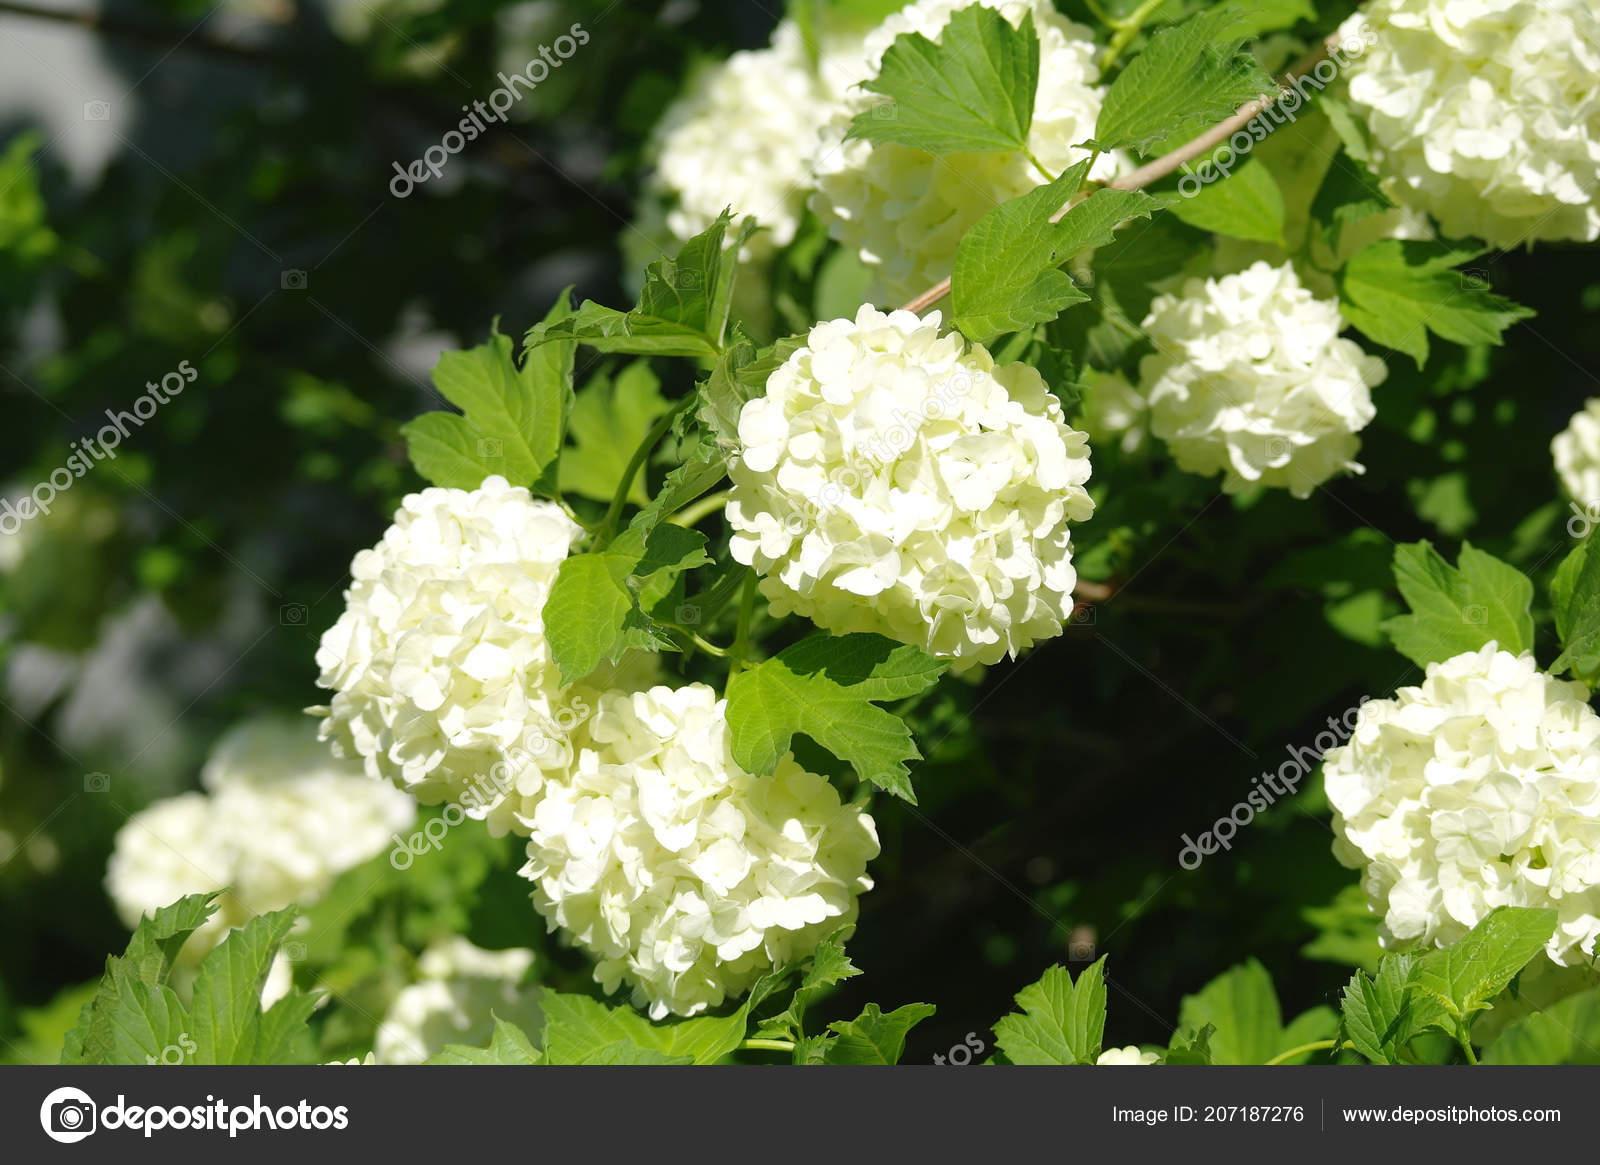 White Scented Flowers Background Stock Photo Ekulik2011 207187276